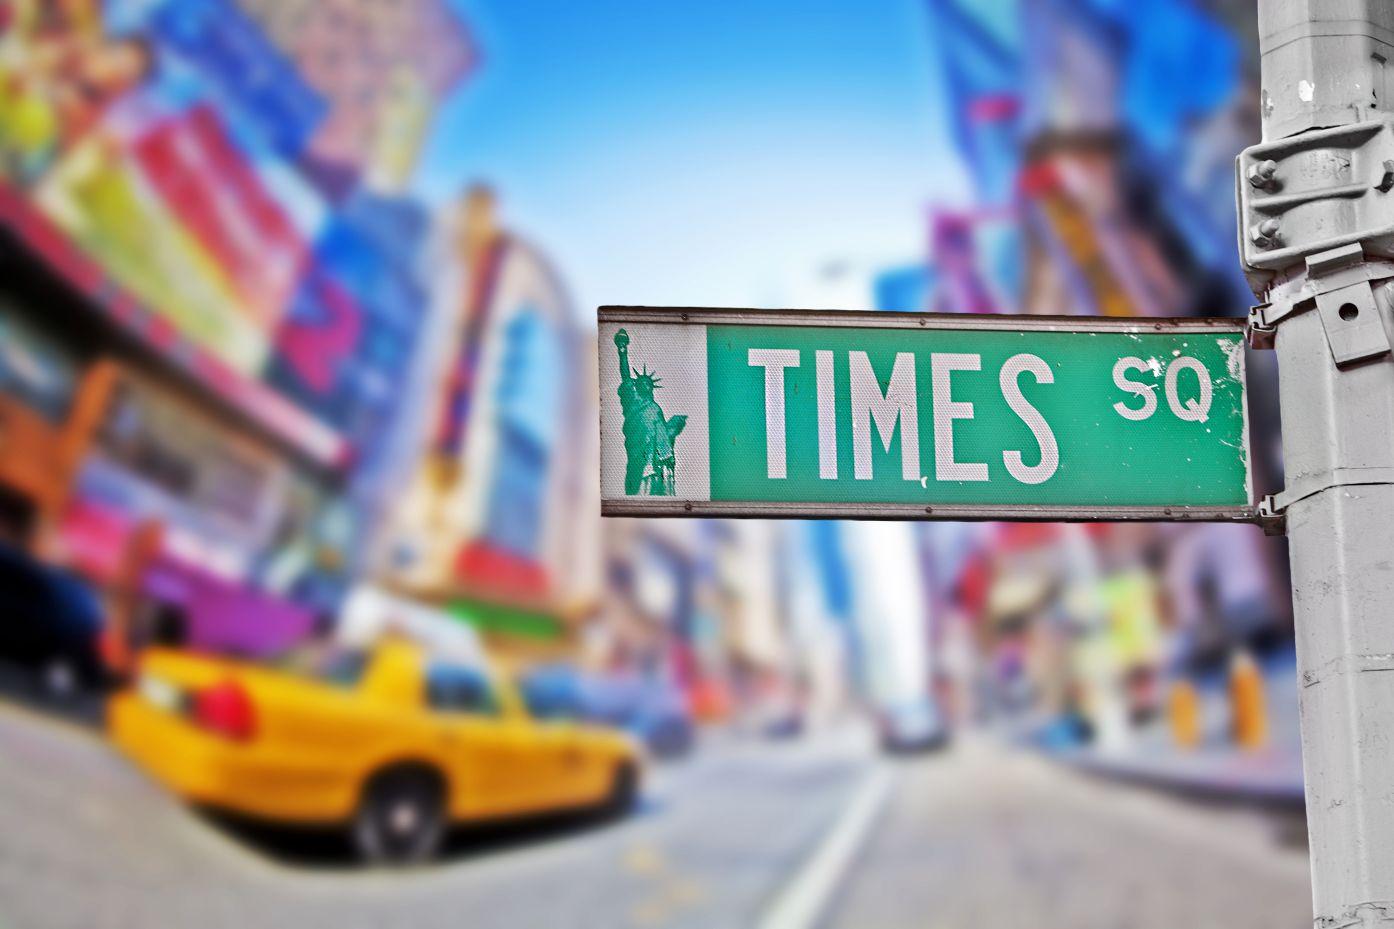 #TimesSquare